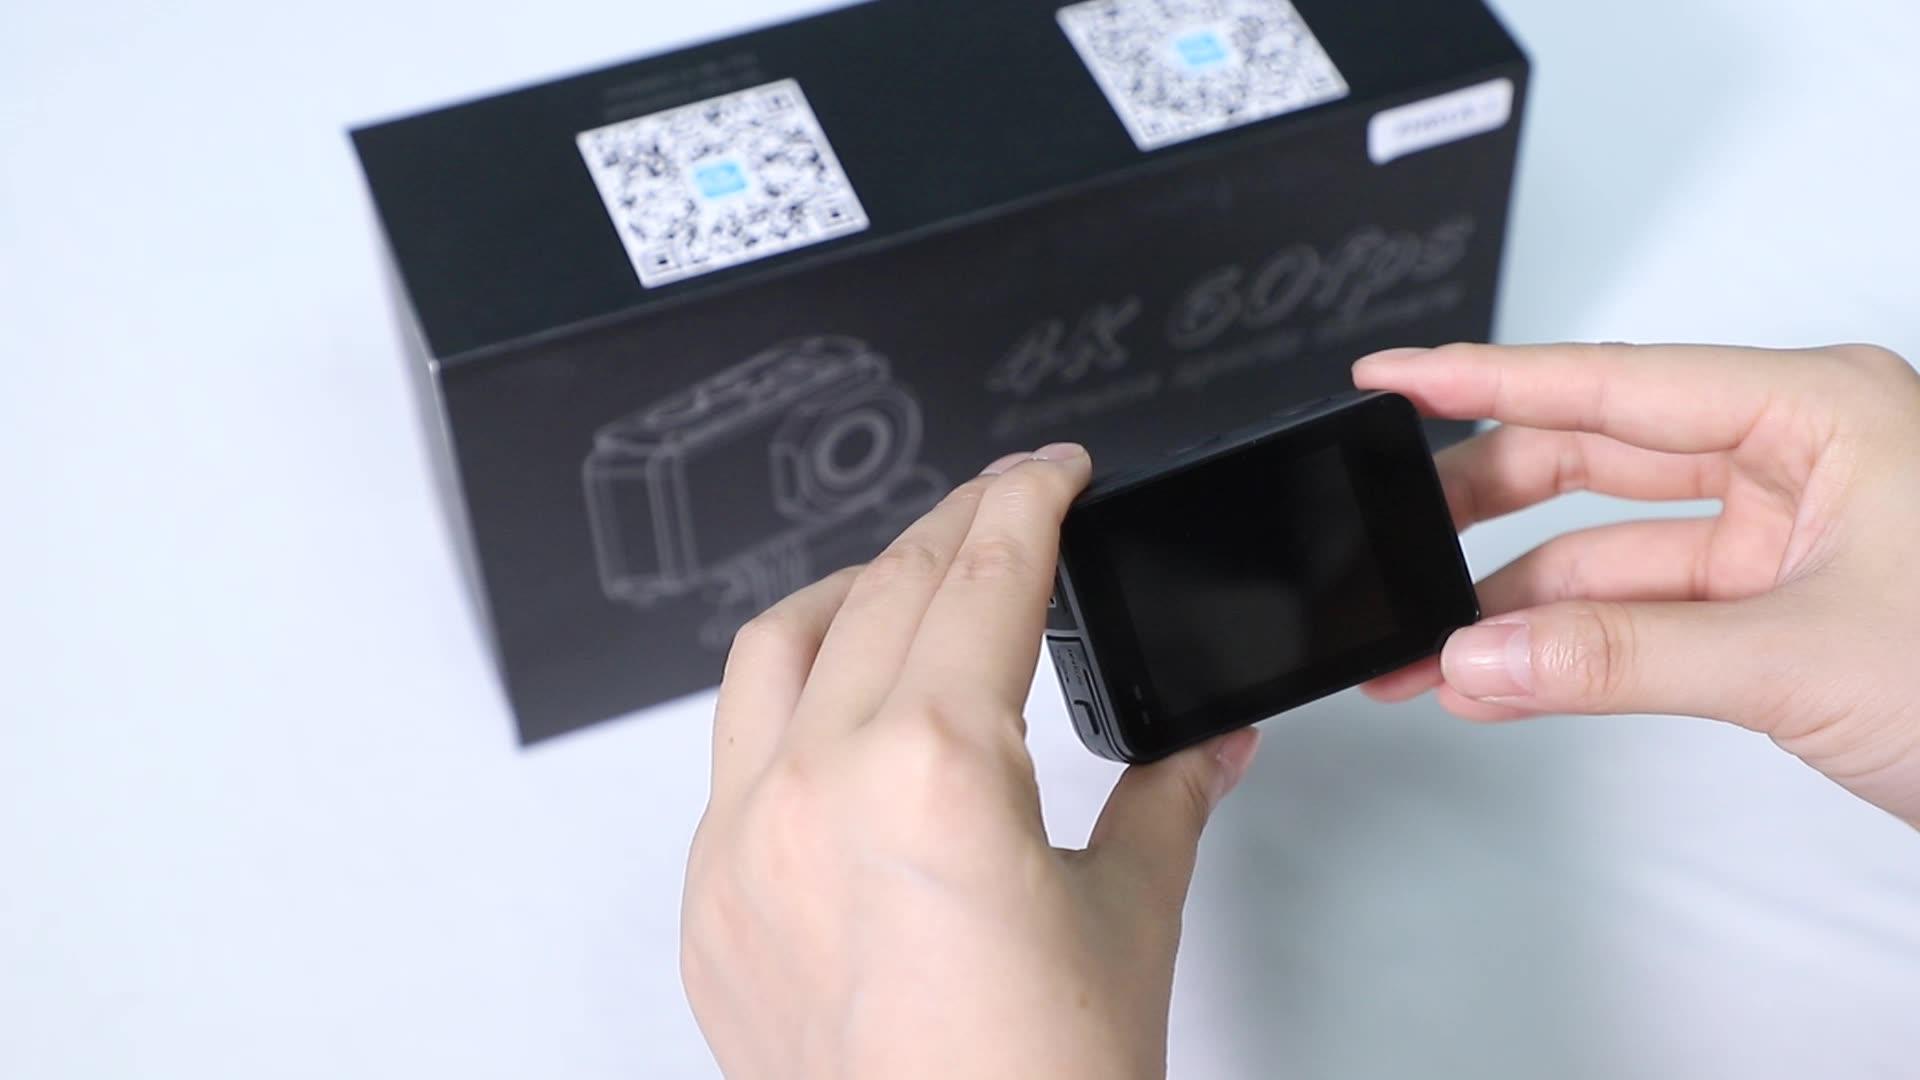 リアル 4 18K 60fps ボディ防水 IMX078 デュアルタッチスクリーンサポートライブストリームアクションカメラ